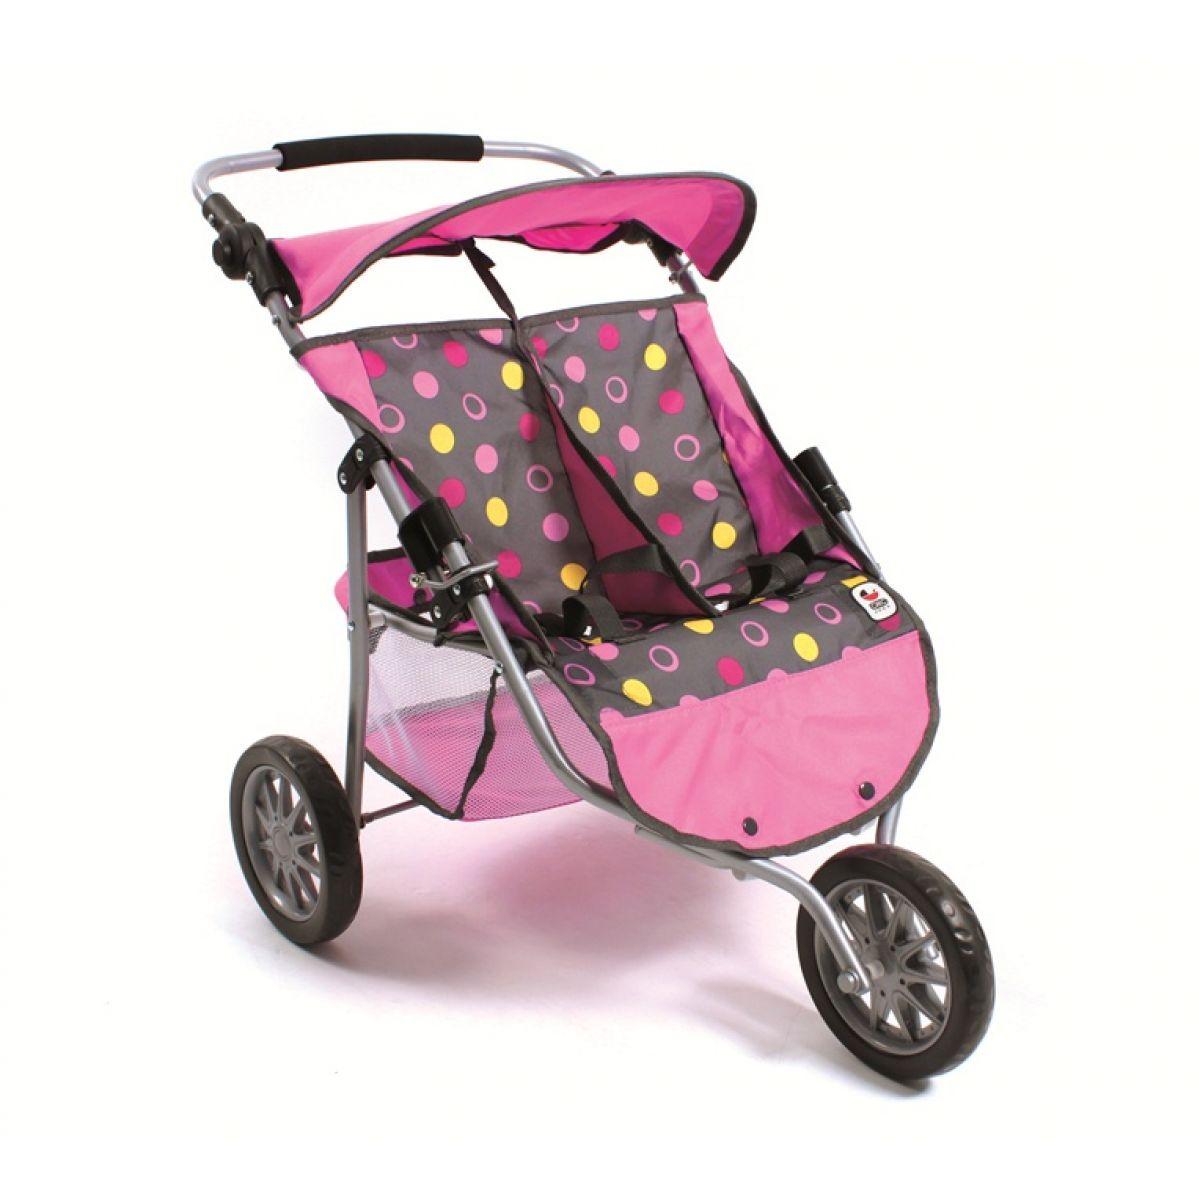 BAYER CHIC 2000 - 69724 - Kočárek pro panenky JOGGER pro dvojčata - Funny pink